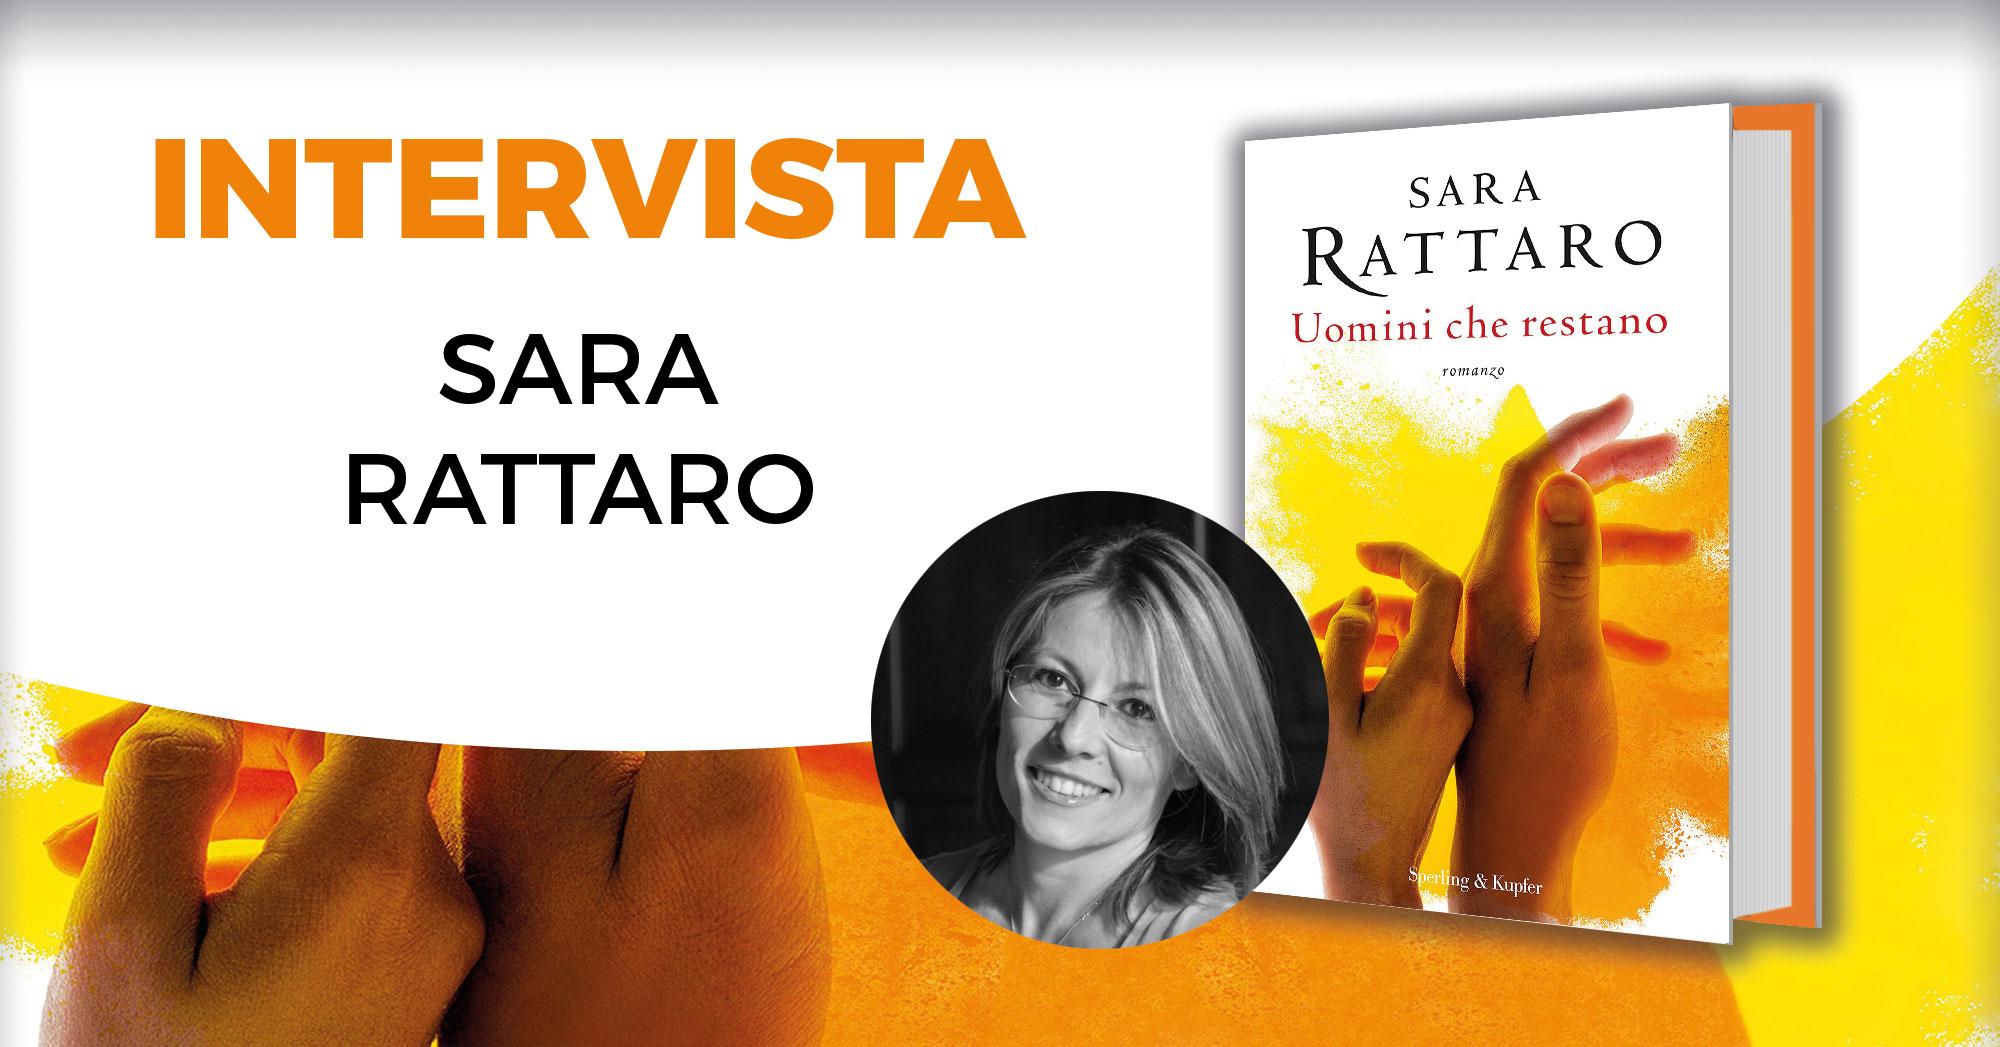 Intervista Sara Rattaro